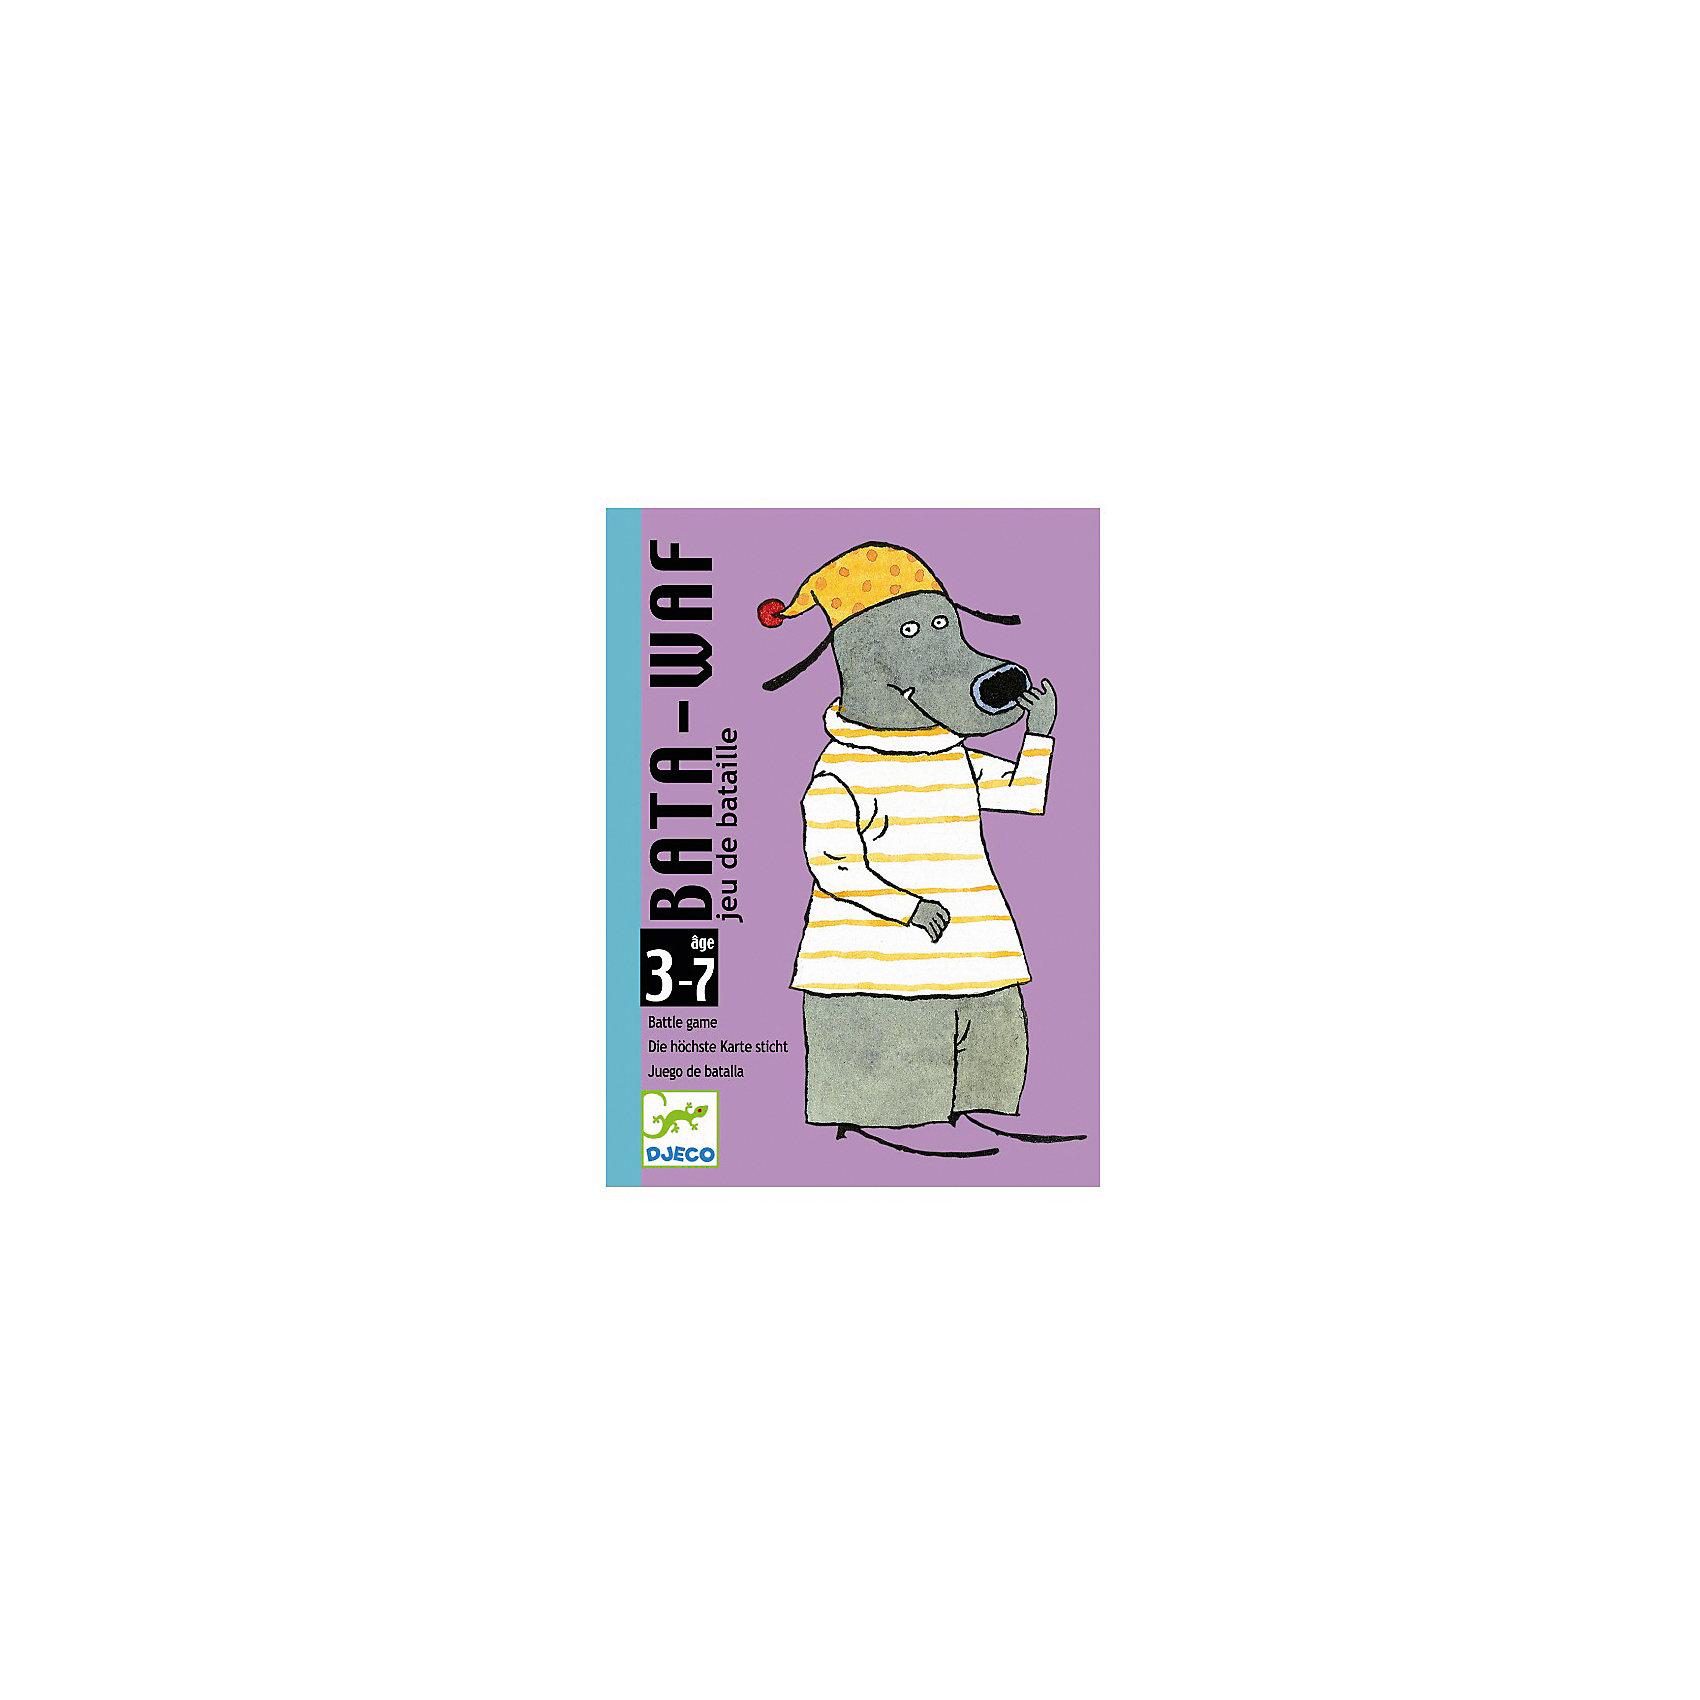 DJECO Настольная игра Батаваф, DJECO игра винкс в каком магазине можно